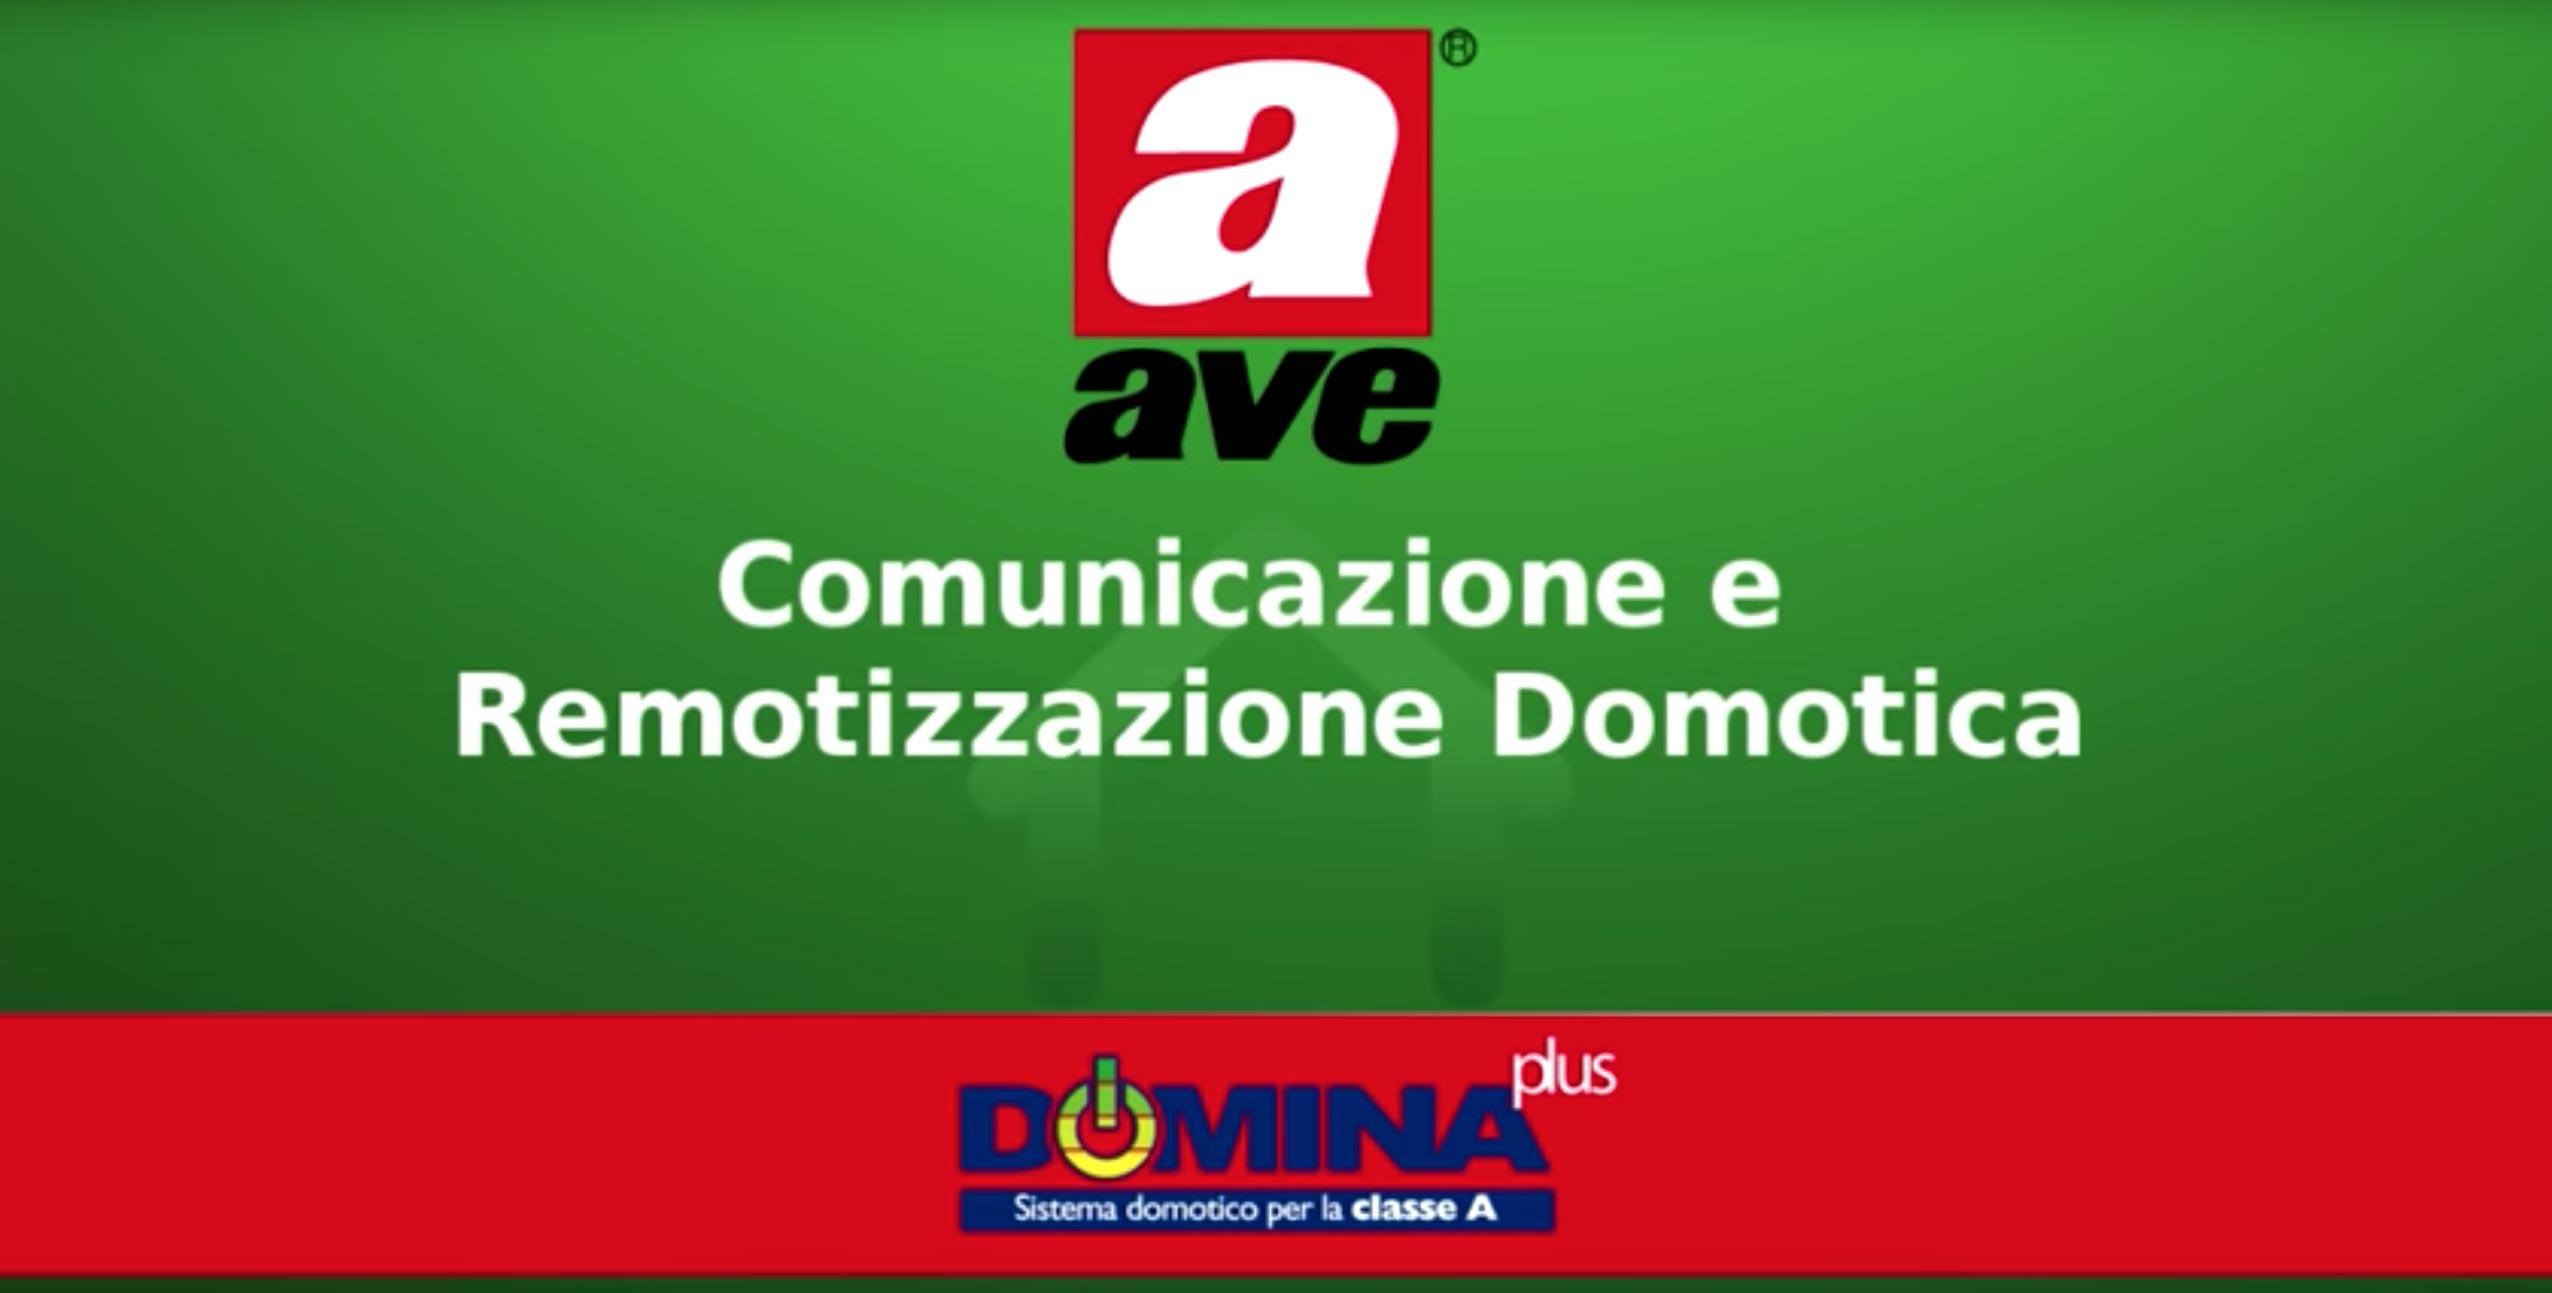 Comunicazione remotizzazione domotica AVE